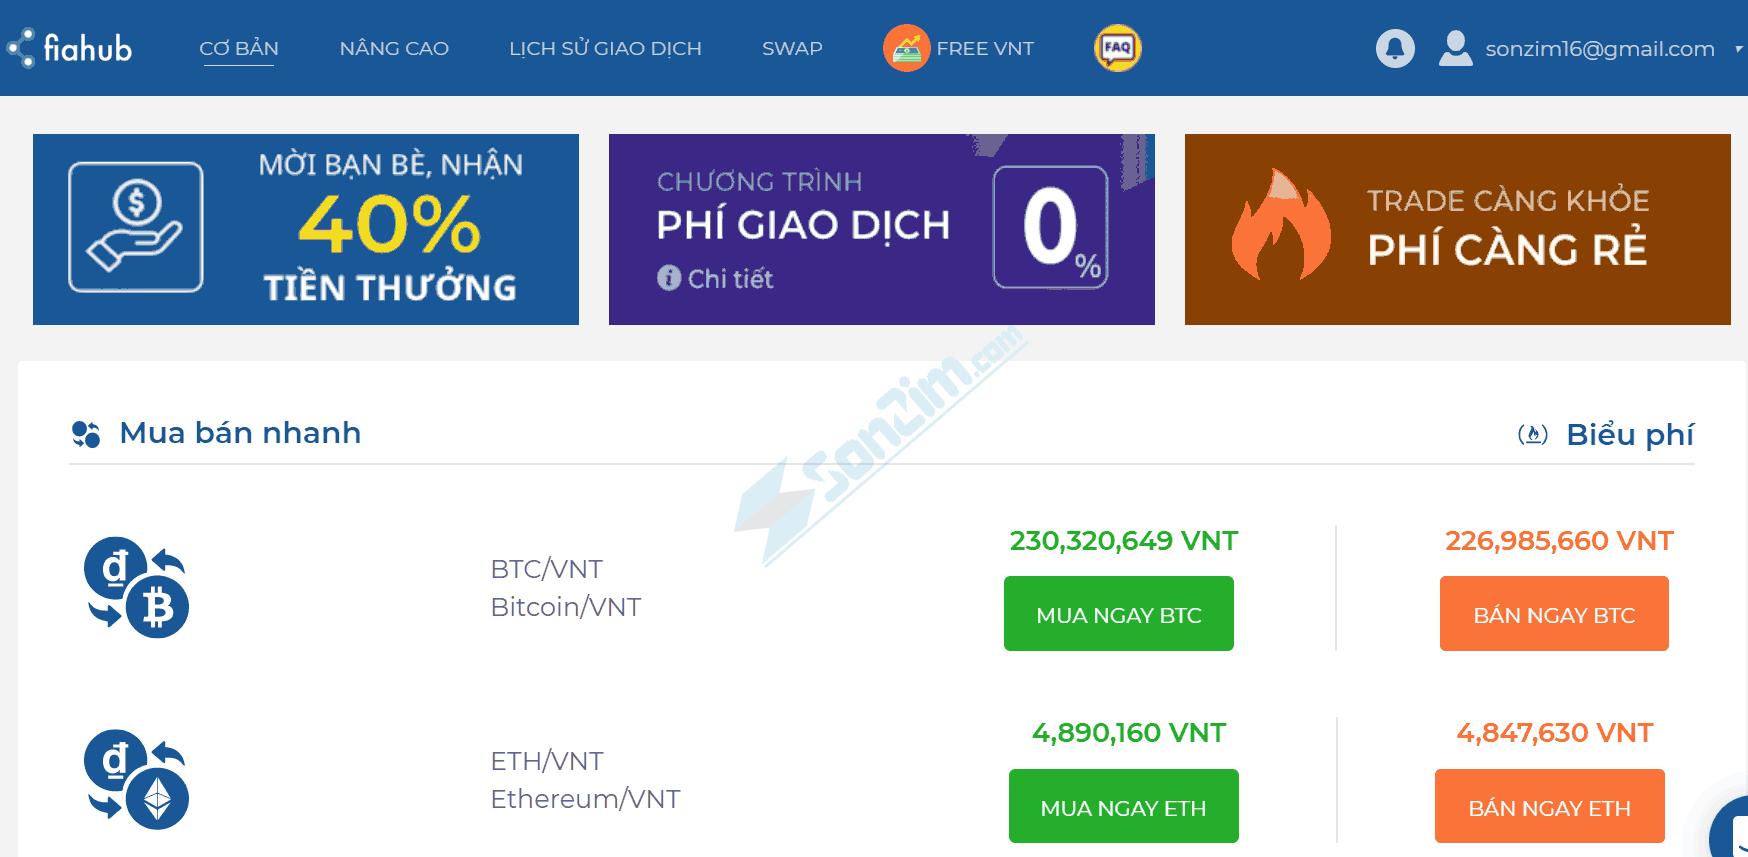 Cách đăng ký tài khoản Fiahub - 5